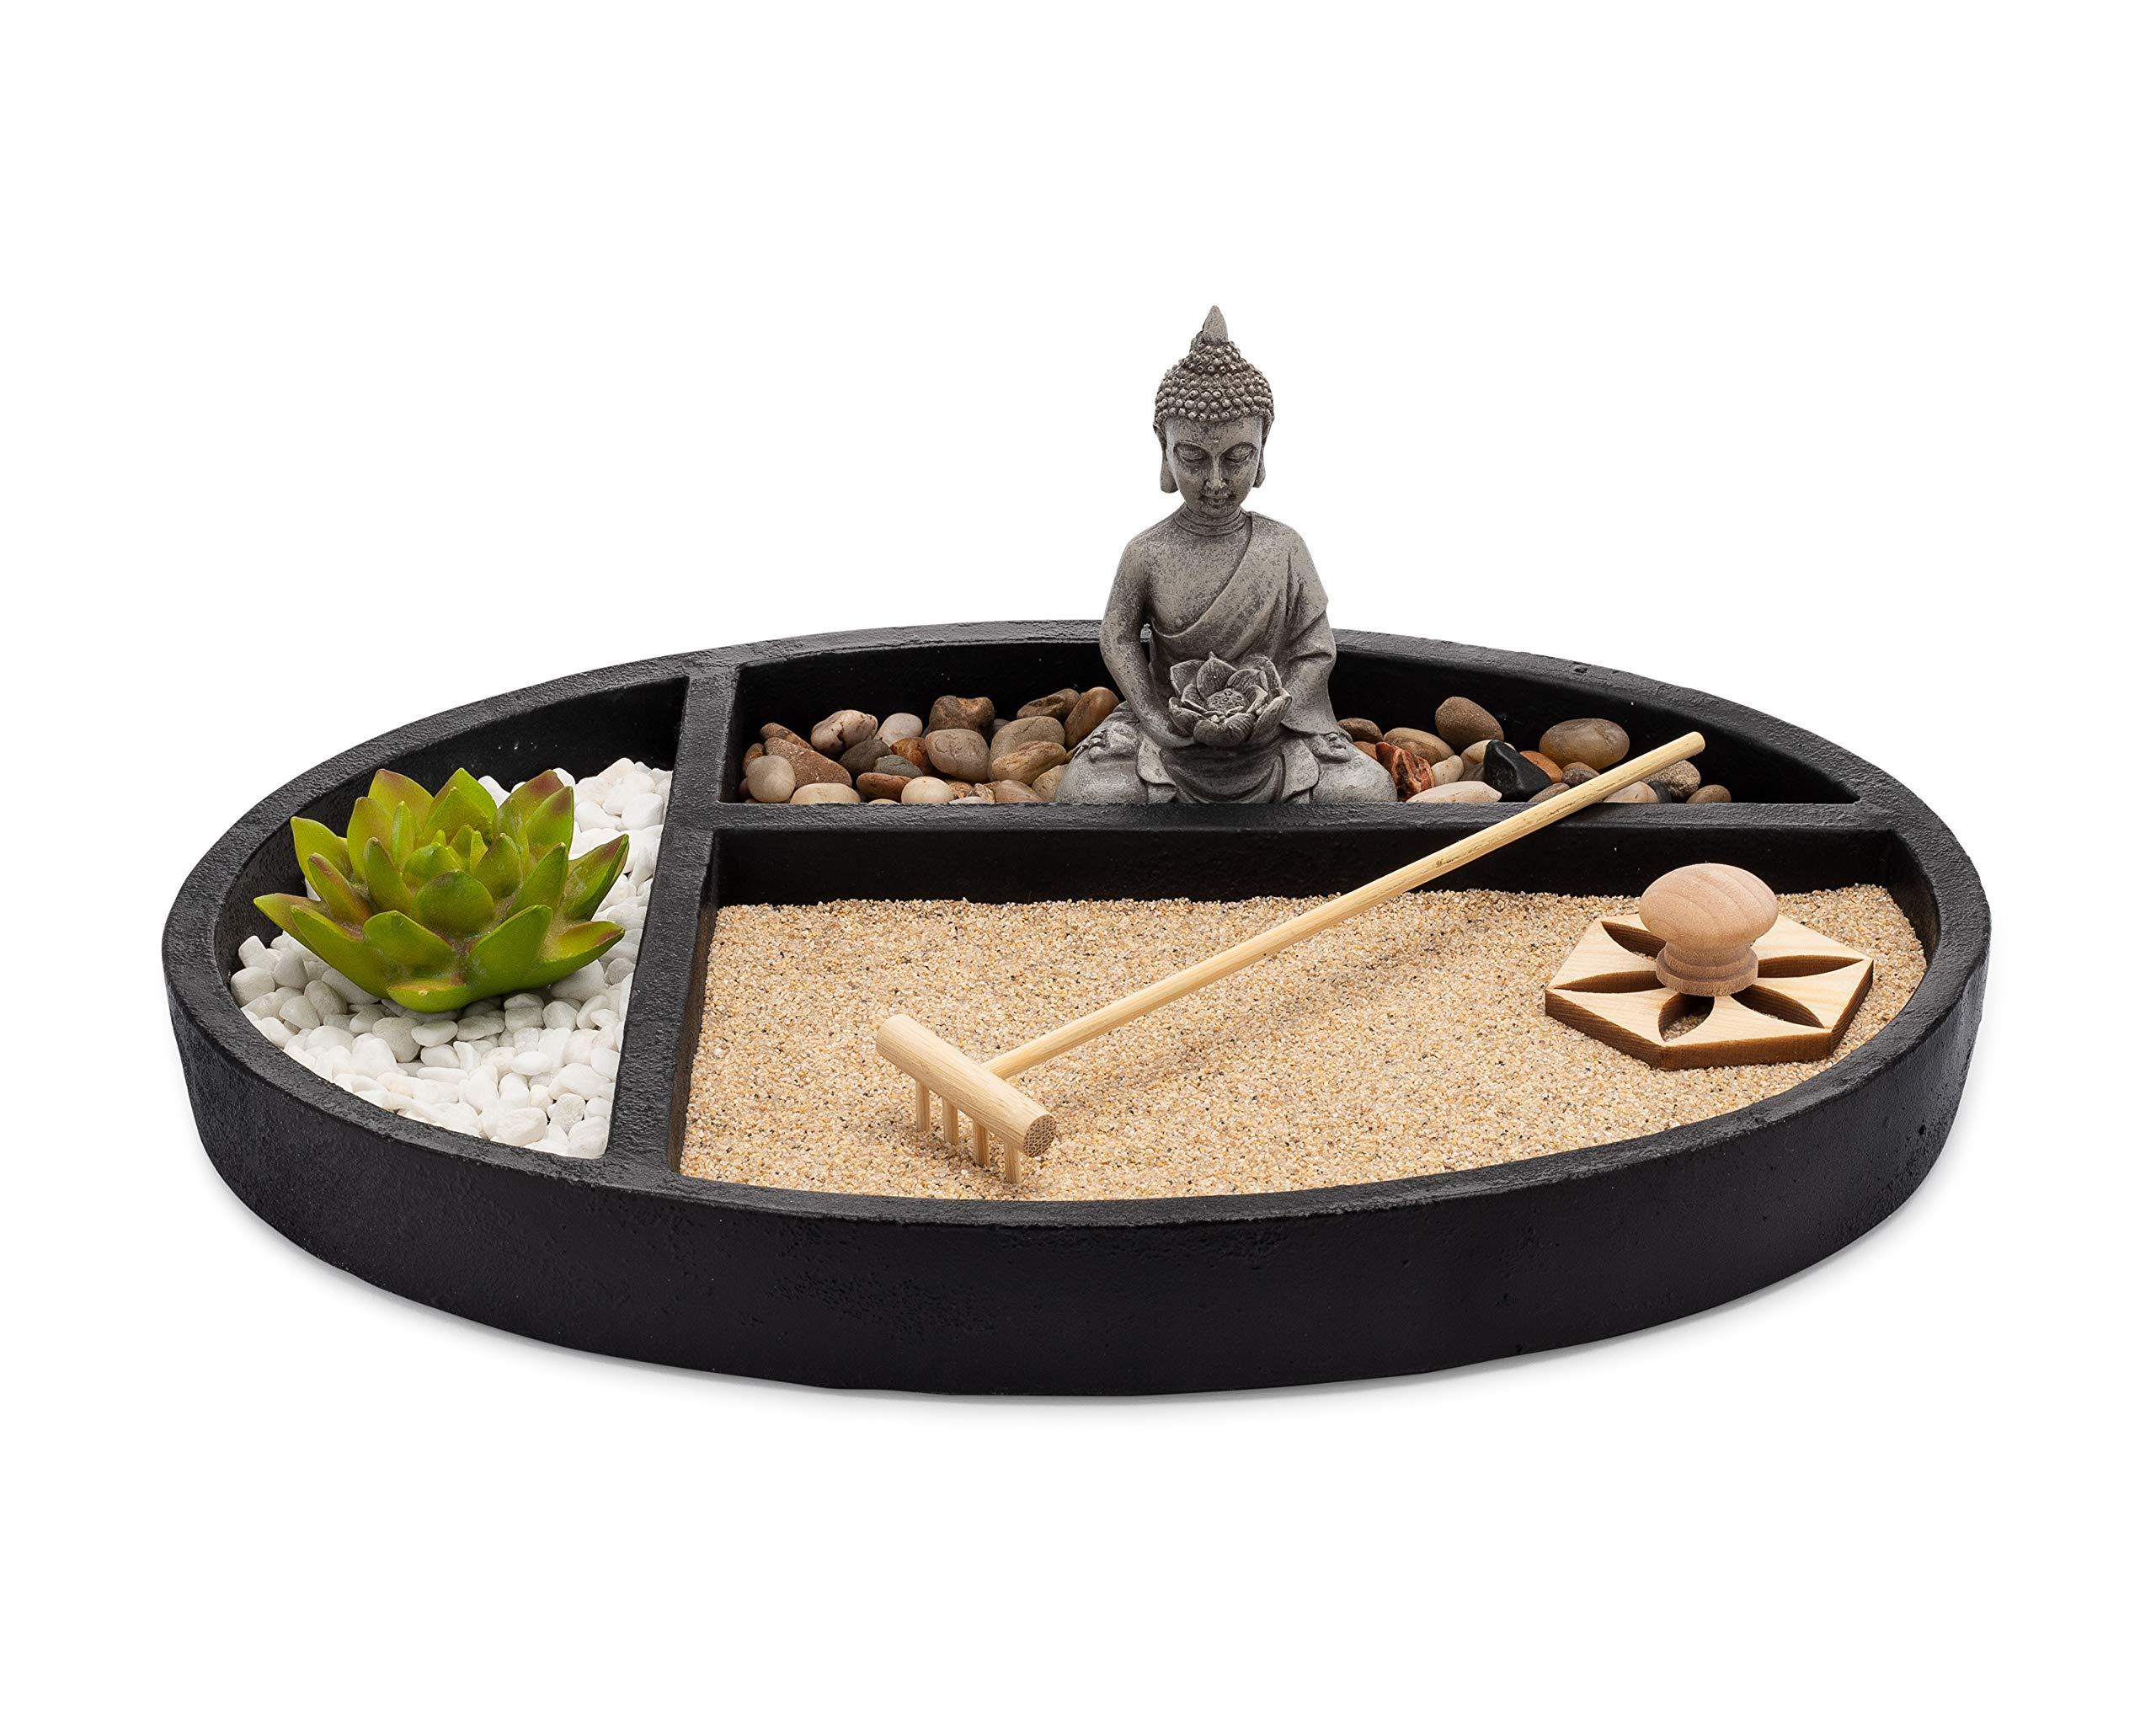 AsanaLiving Desktop Zen - Jardín de Arena con Base de hormigón, Estatua de Buda meditando, rastrillo de bambú, Sello y Planta de Loto sintético: Amazon.es: Hogar